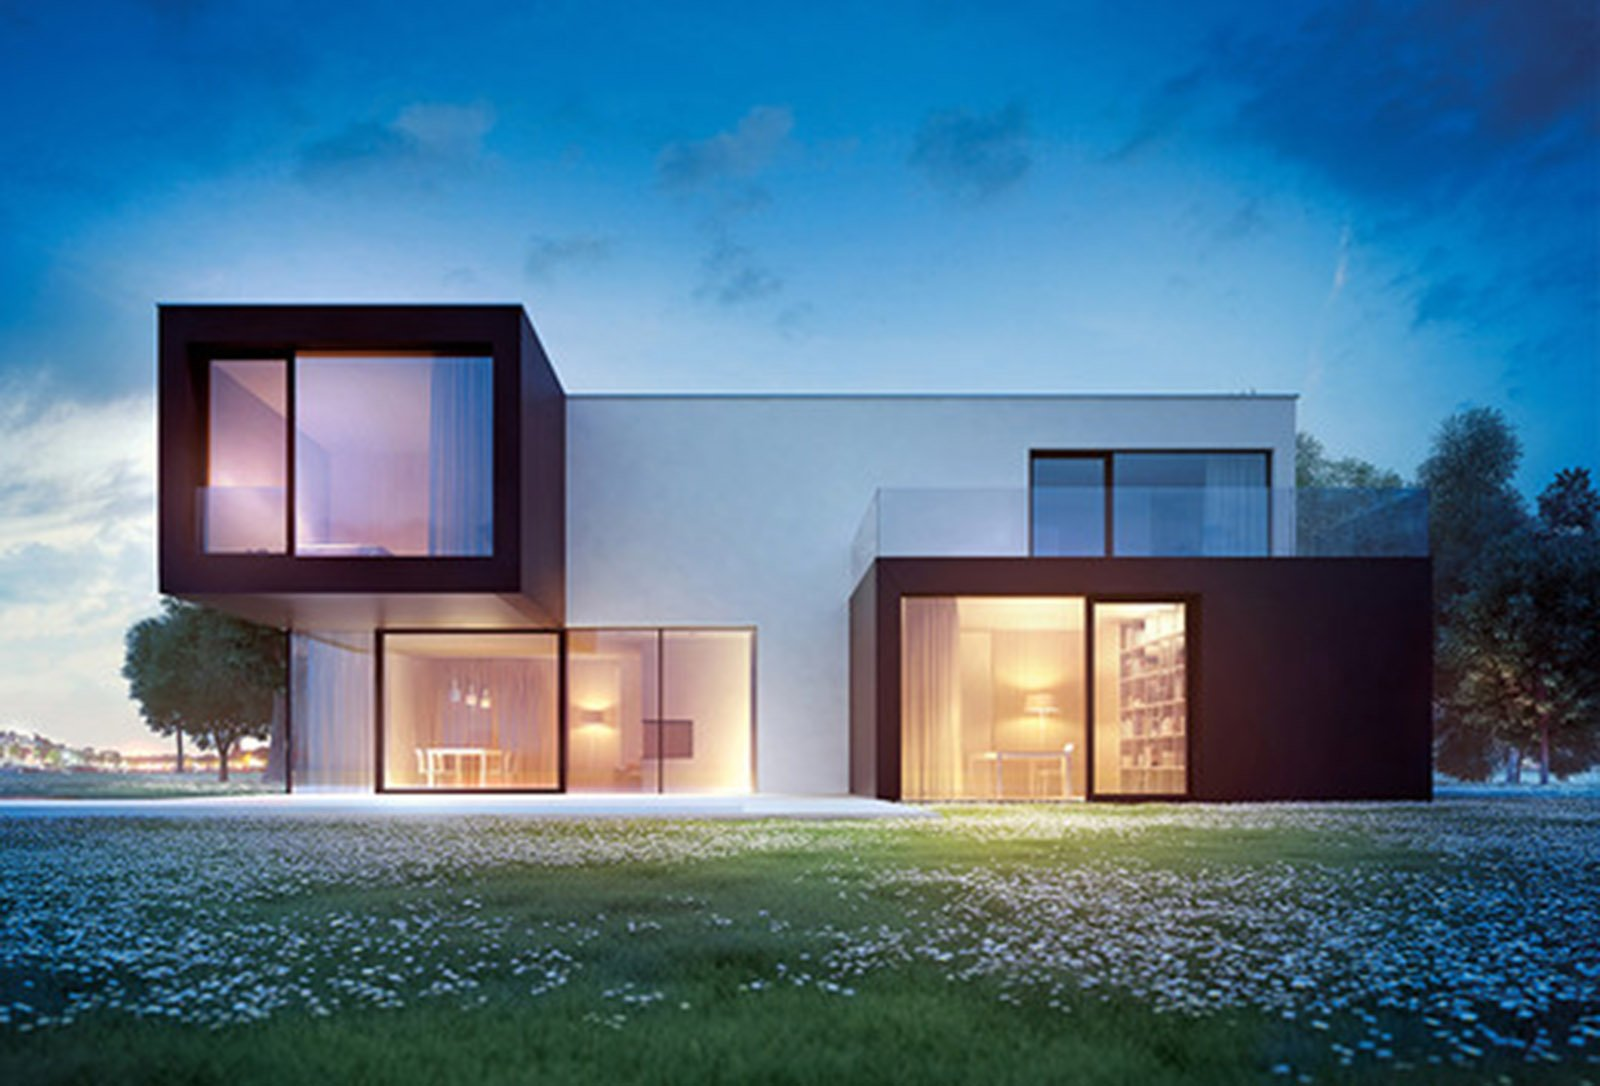 Bioarchitettura e case ecologiche prefabbricate in legno for Casa moderna con tetto in legno